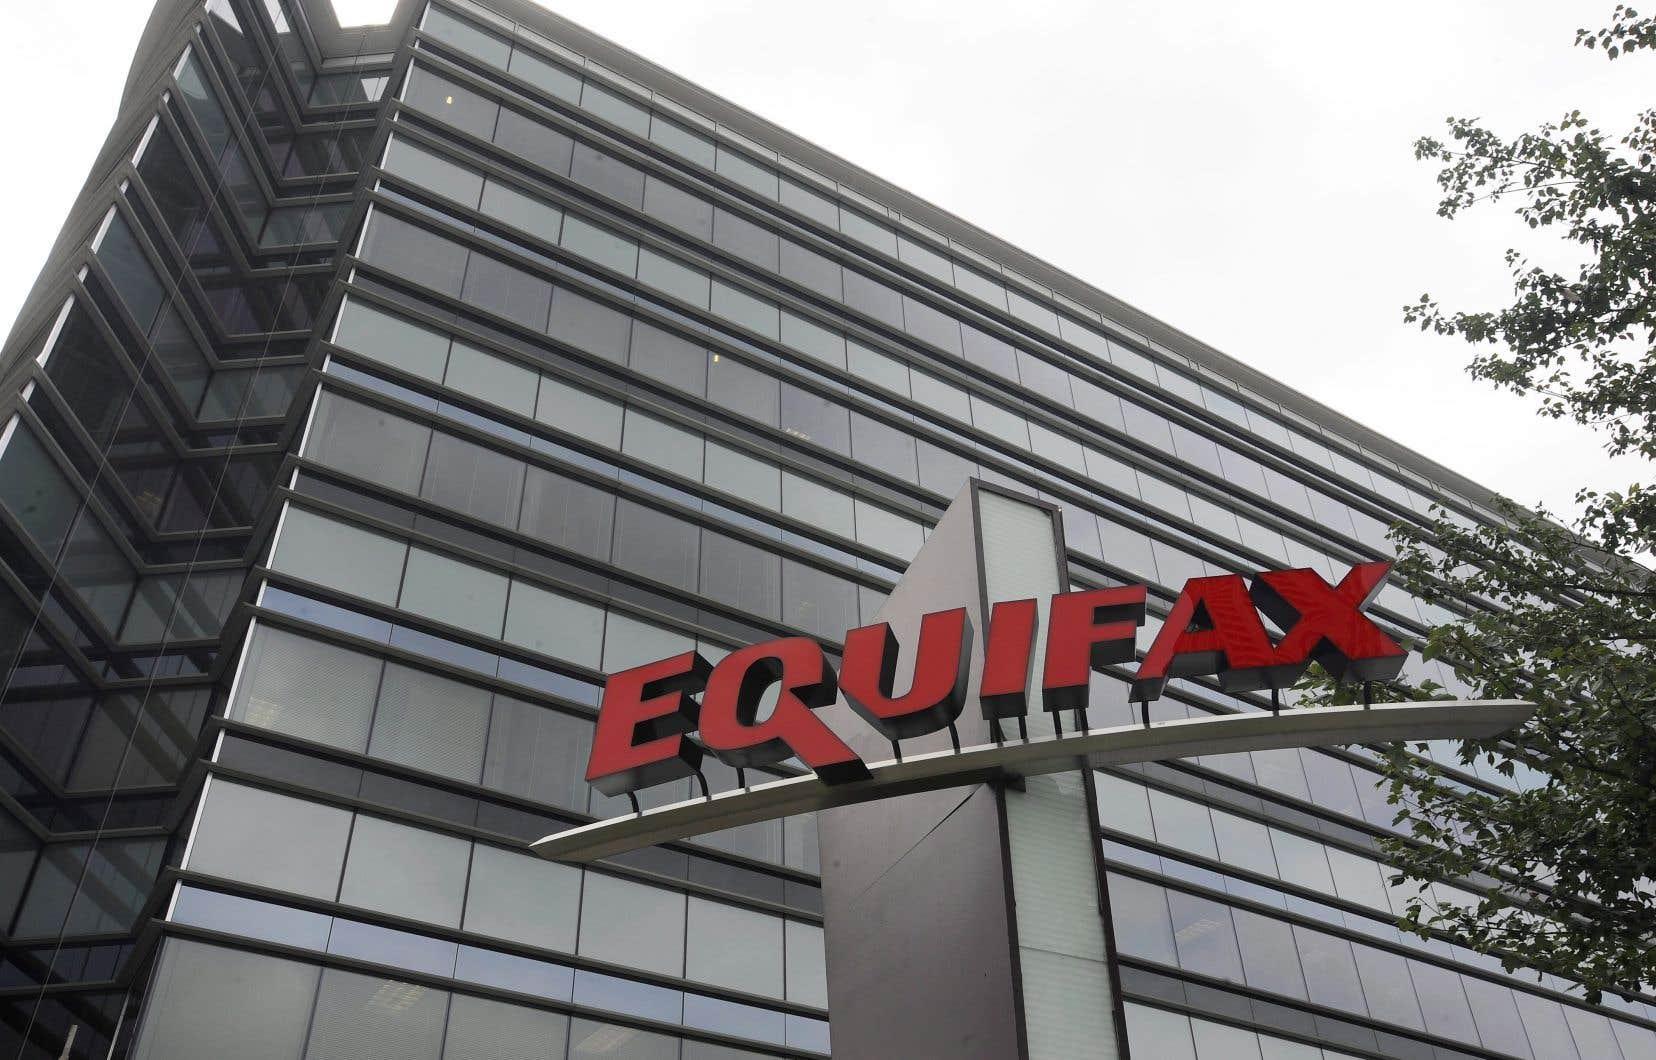 Selon Equifax, le vol d'informations concernant des Canadiens pouvait contenir des noms, des adresses et des numéros d'assurance sociale.